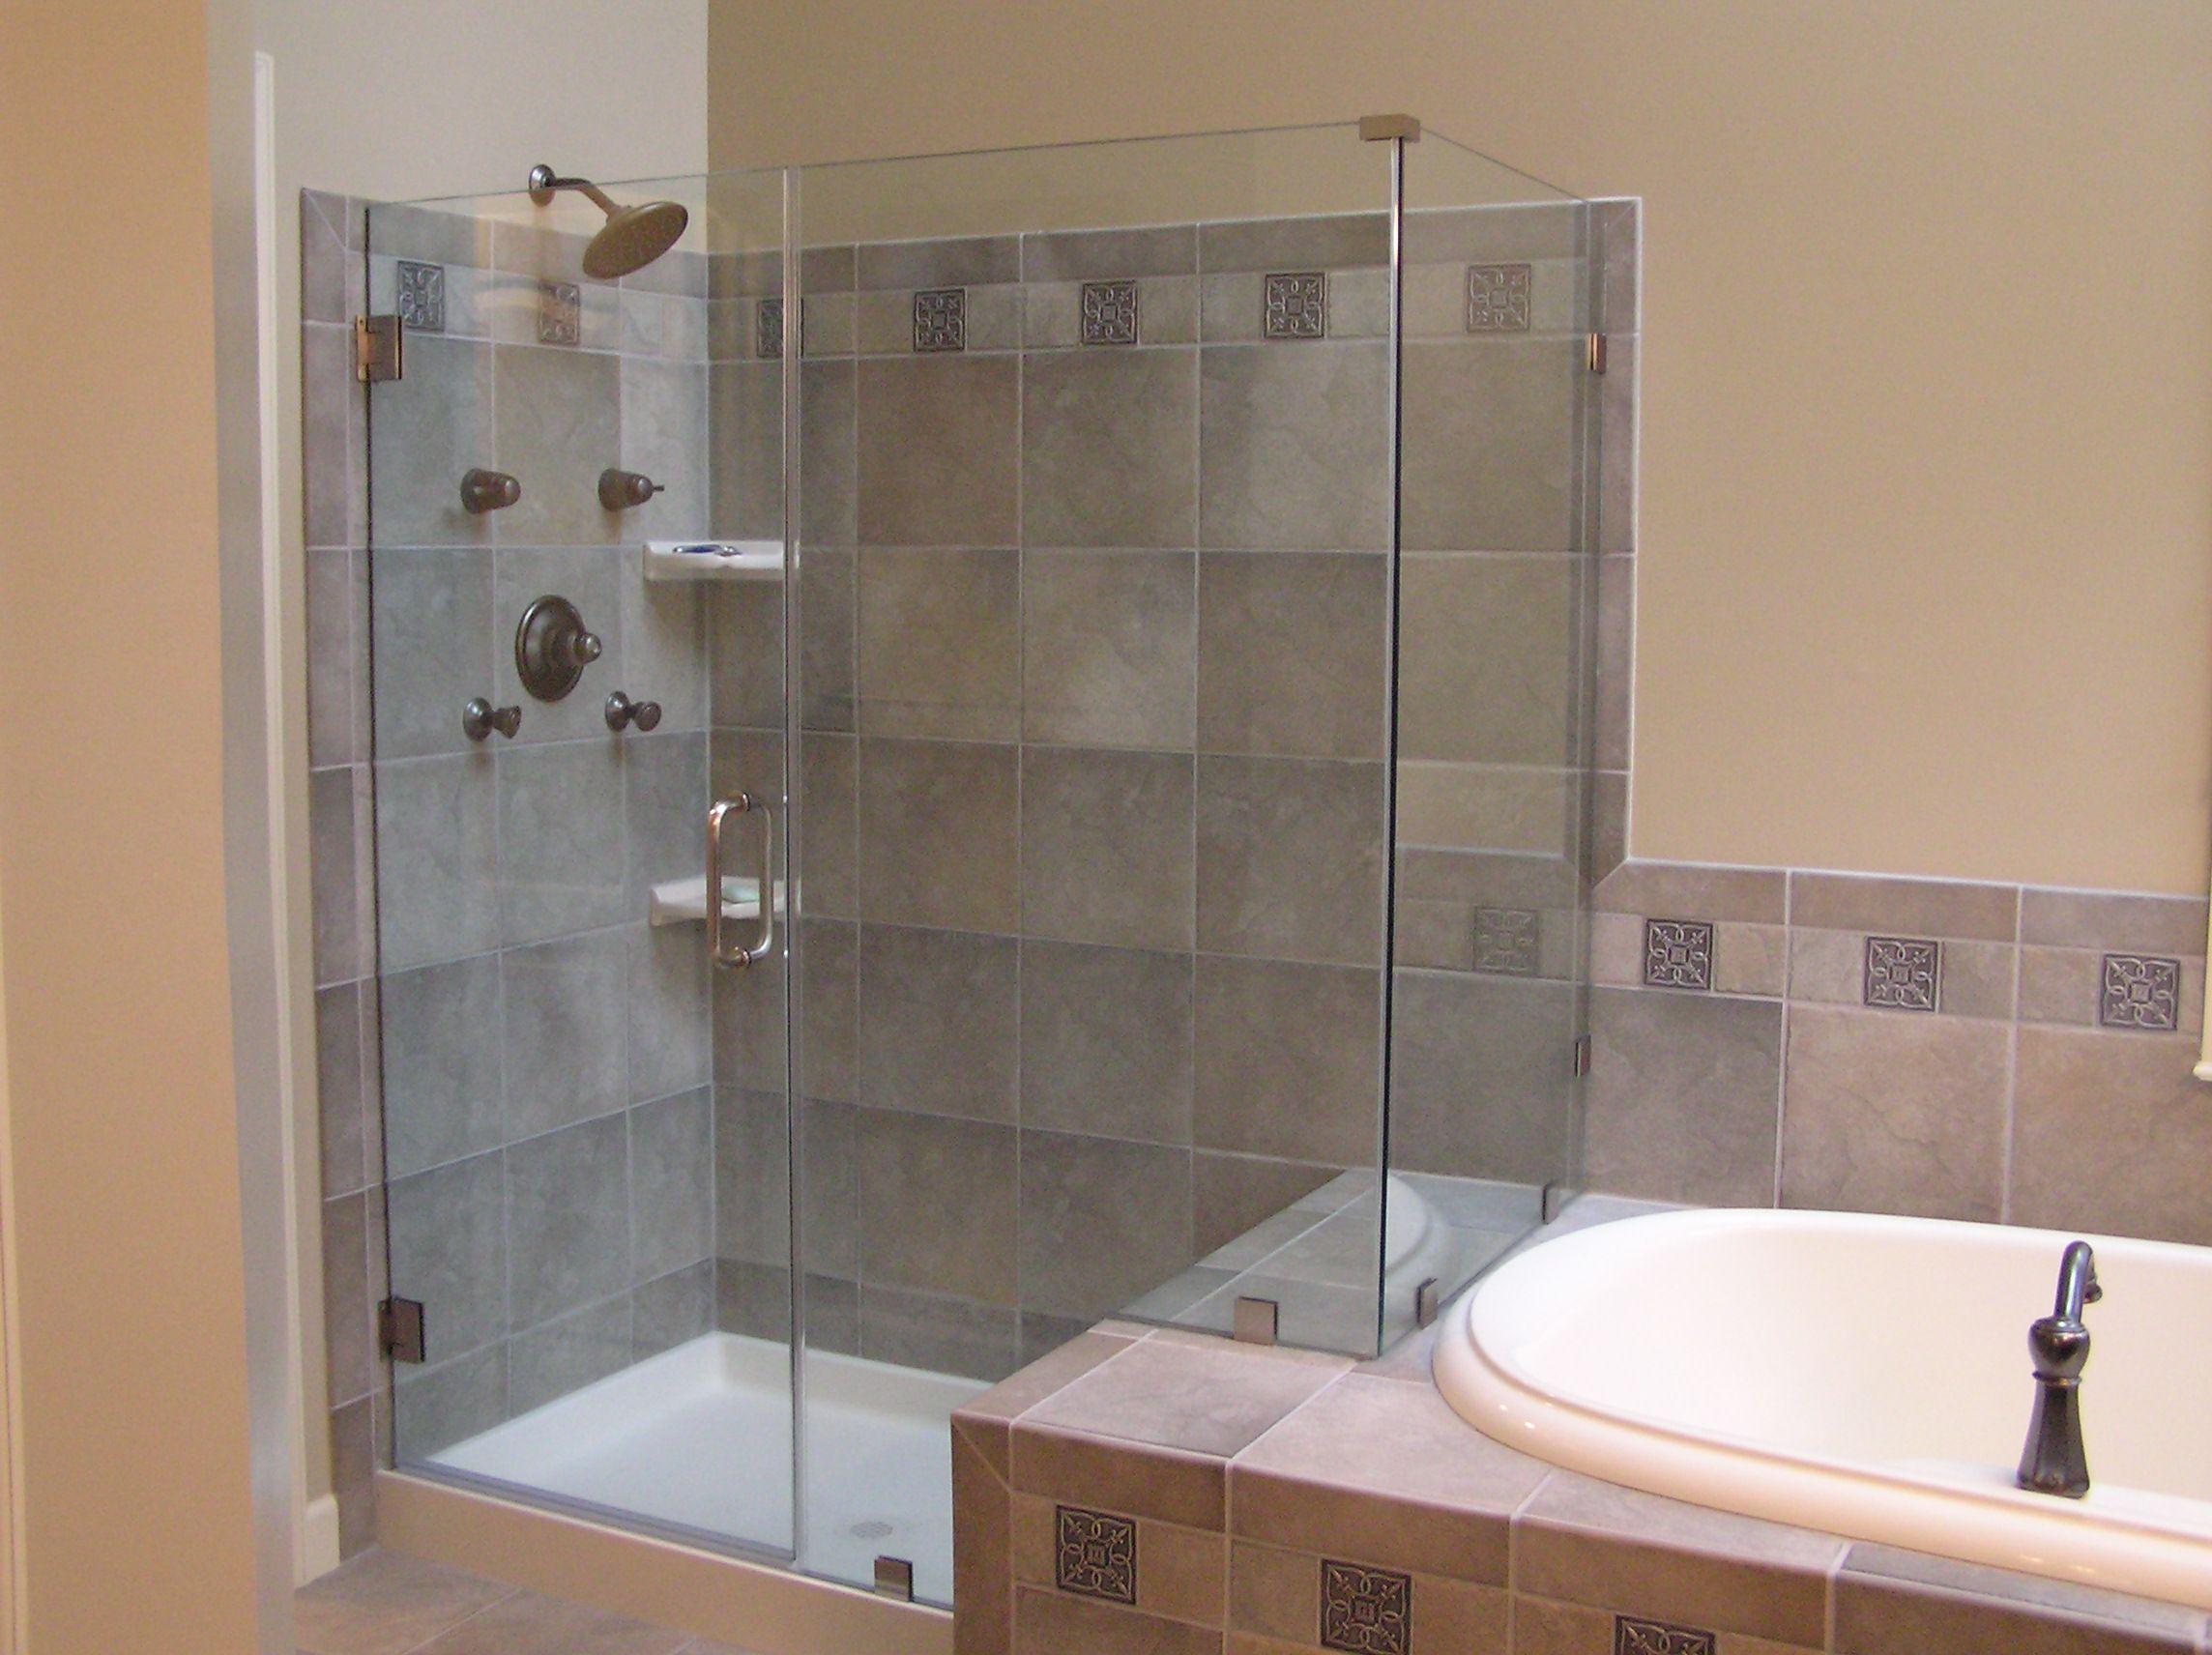 Bathroom Renovation Cost, Bathroom Remodel Colorado Springs Cost